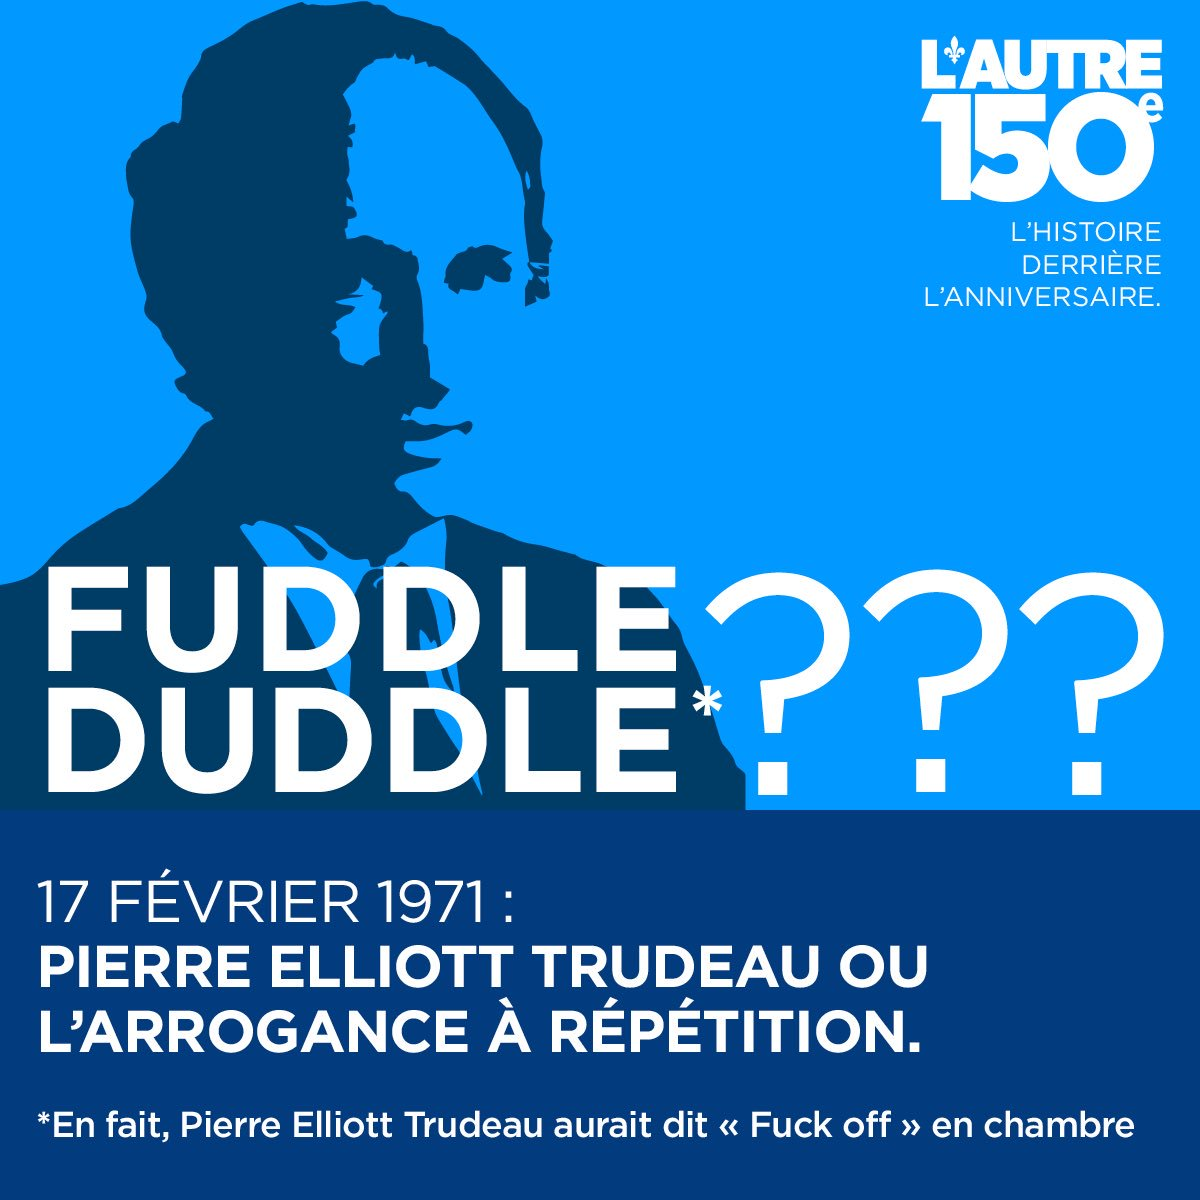 17 février 1971 - Pierre Elliott Trudeau ou l'arrogance à répétition  https://www. facebook.com/autre150e/post s/1283218515078590:0 &nbsp; …  #Canada150  #Autre150e #PolQc #PolCan<br>http://pic.twitter.com/w745dvzKM4